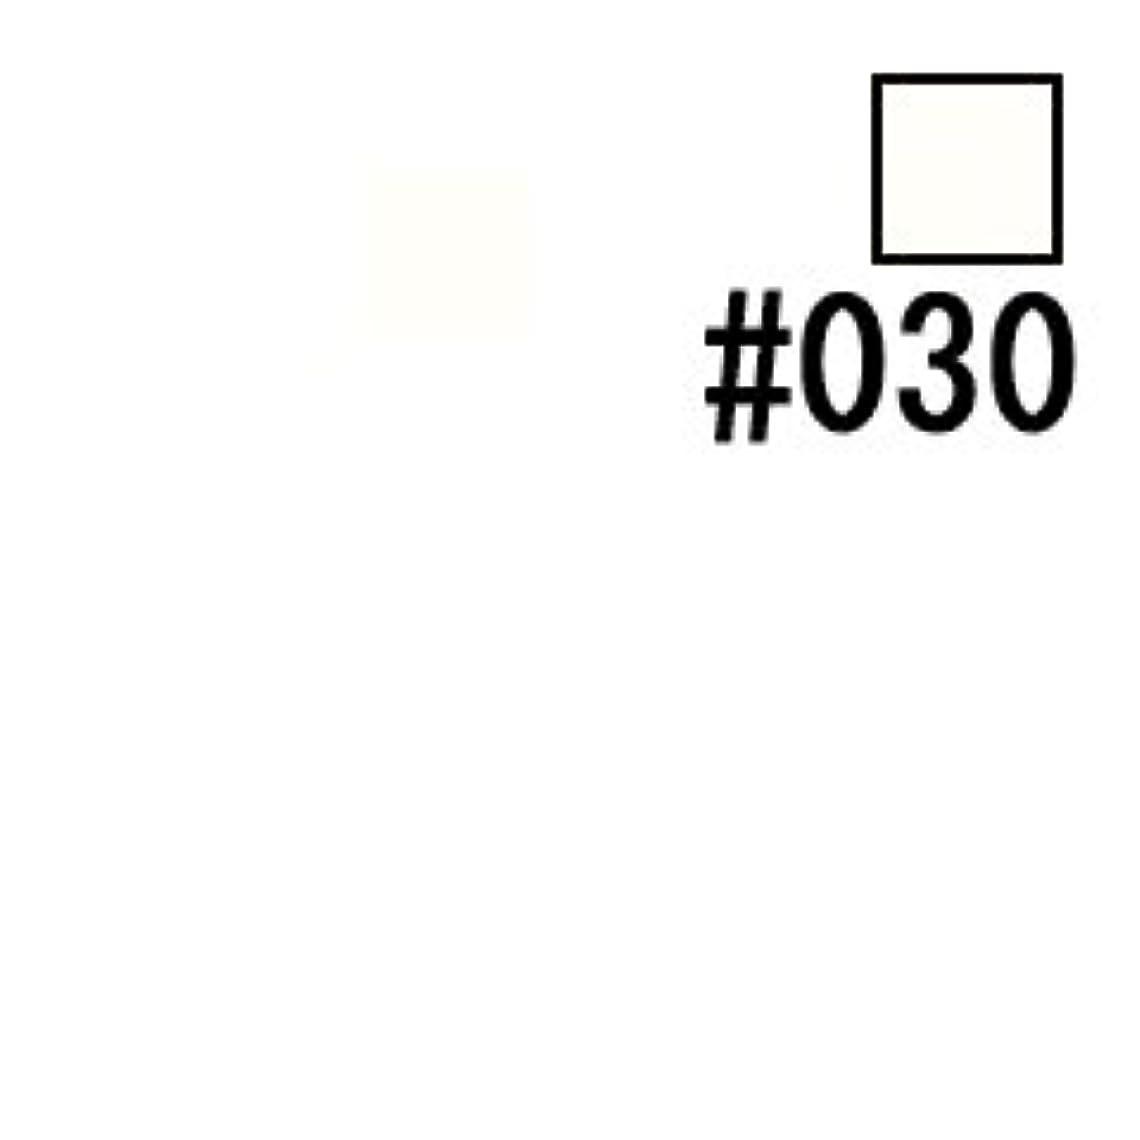 水差し意外パネル【レブロン】パヒューマリー センティド ネイルエナメル #030 11.7ml [並行輸入品]